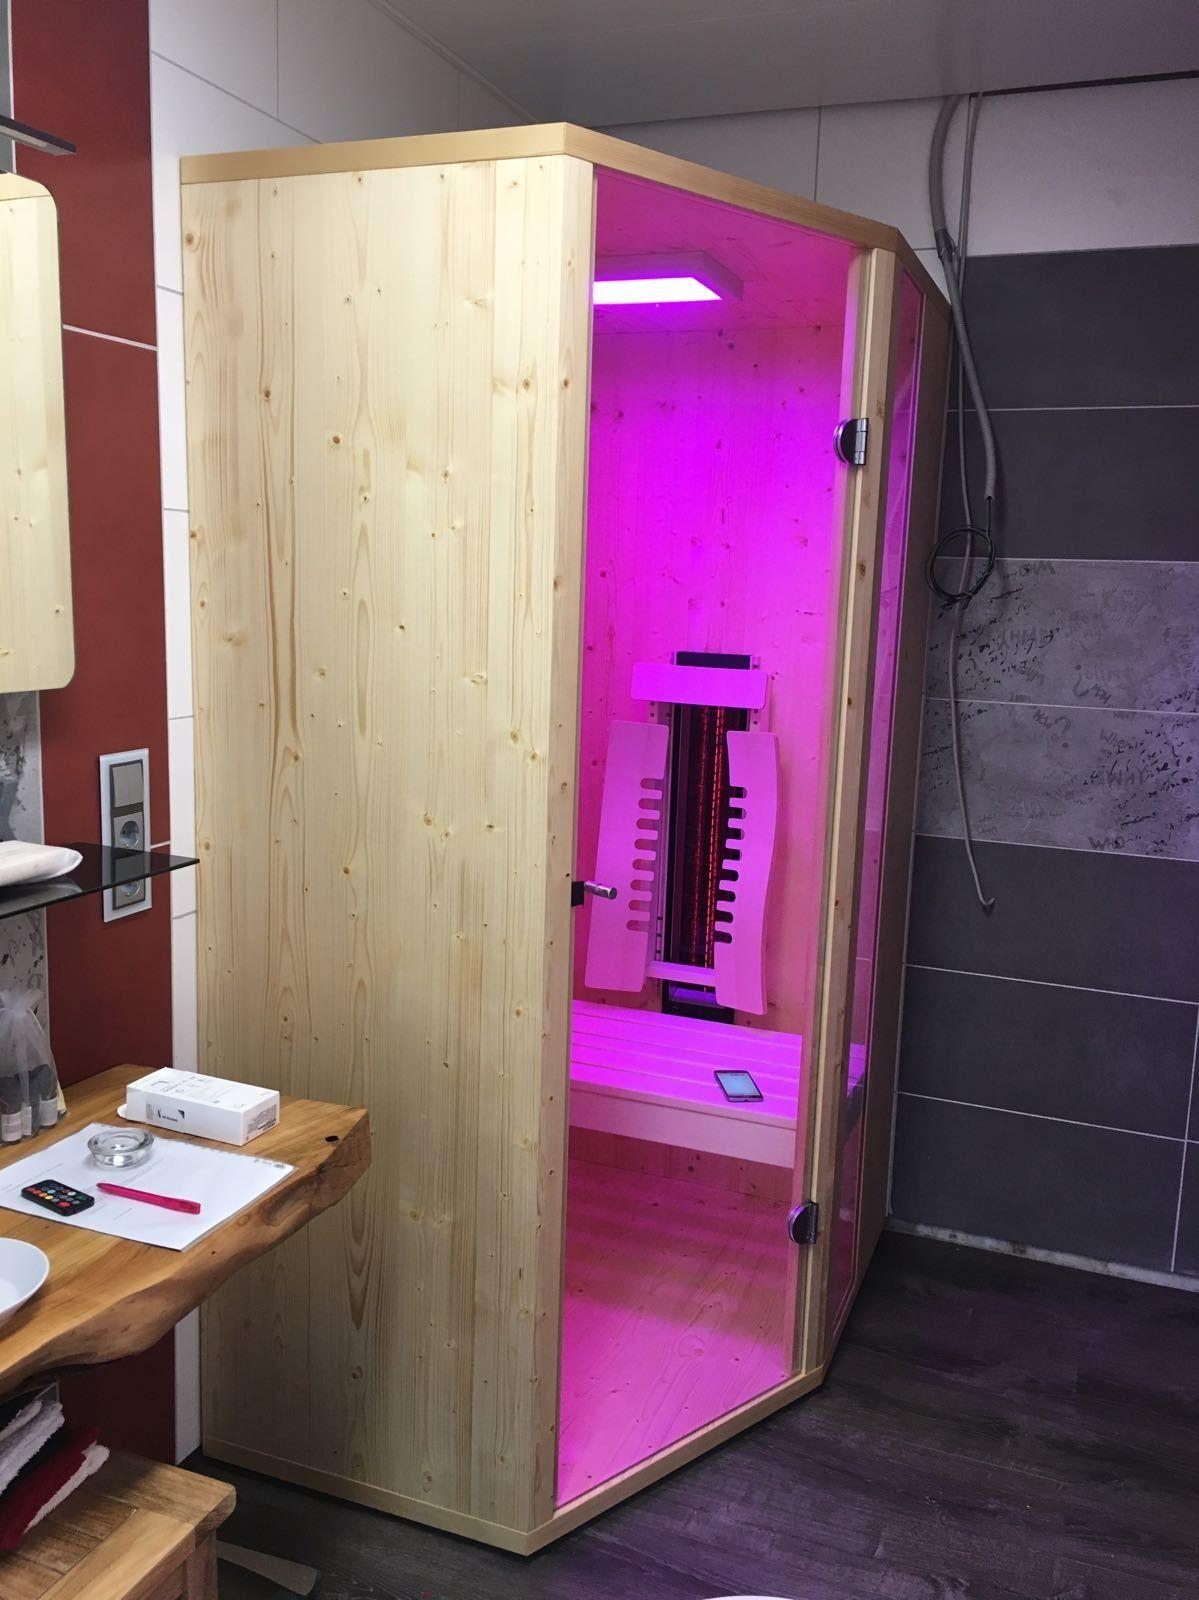 Eine Kleine Infrarotkabine Fur Das Badezimmer Ecklosung Mit Tiefenwarmestrahler By Gurtner Wellness Gmbh Locker Storage Portable Sauna Traditional Saunas